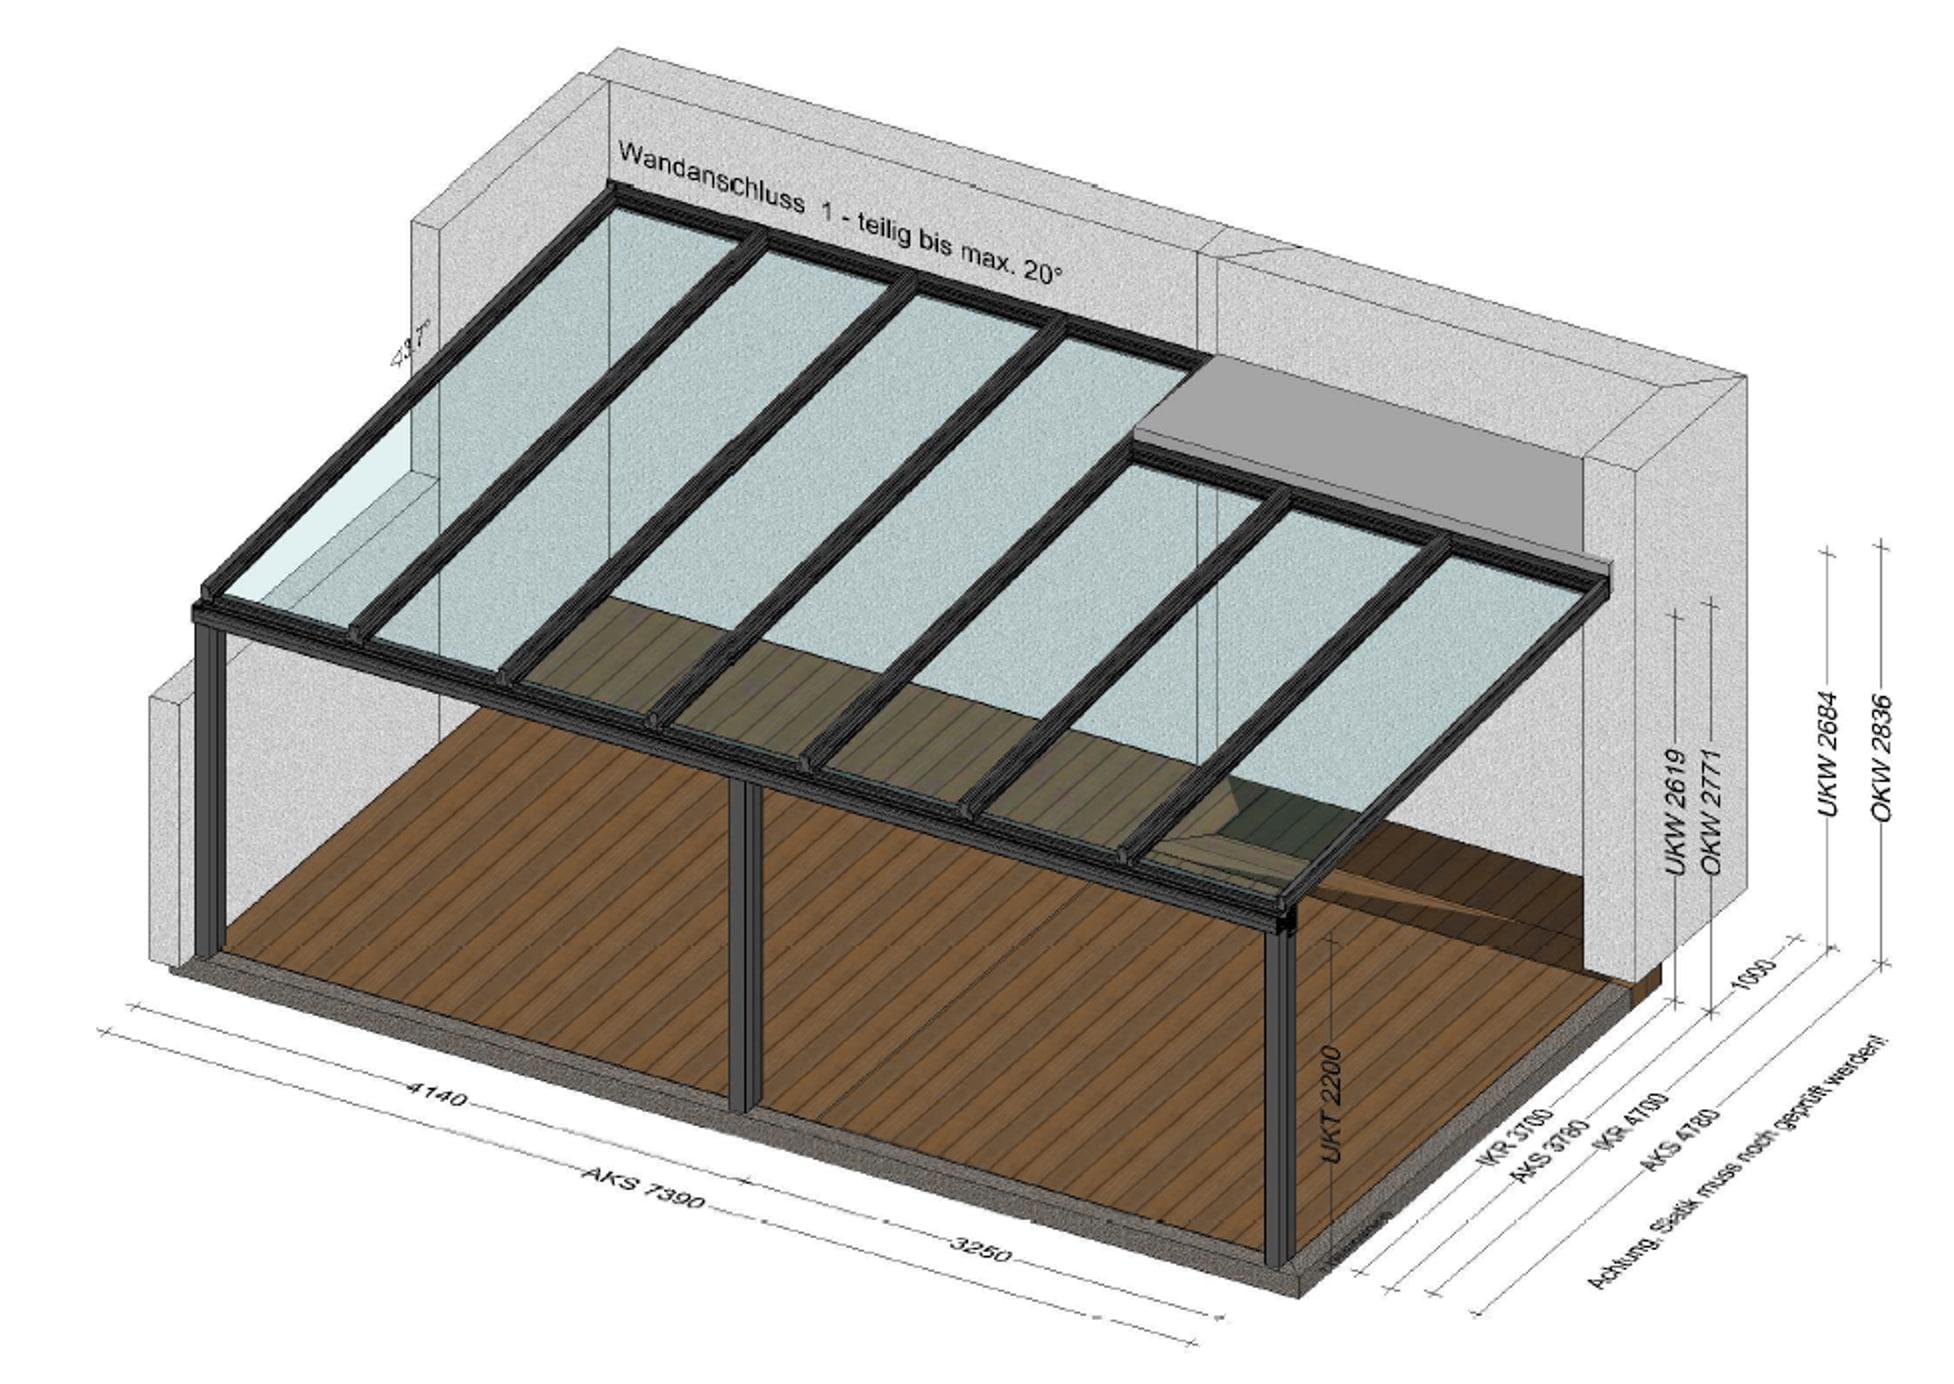 Terrassenüberdachung mit unterschiedlichen Tiefen